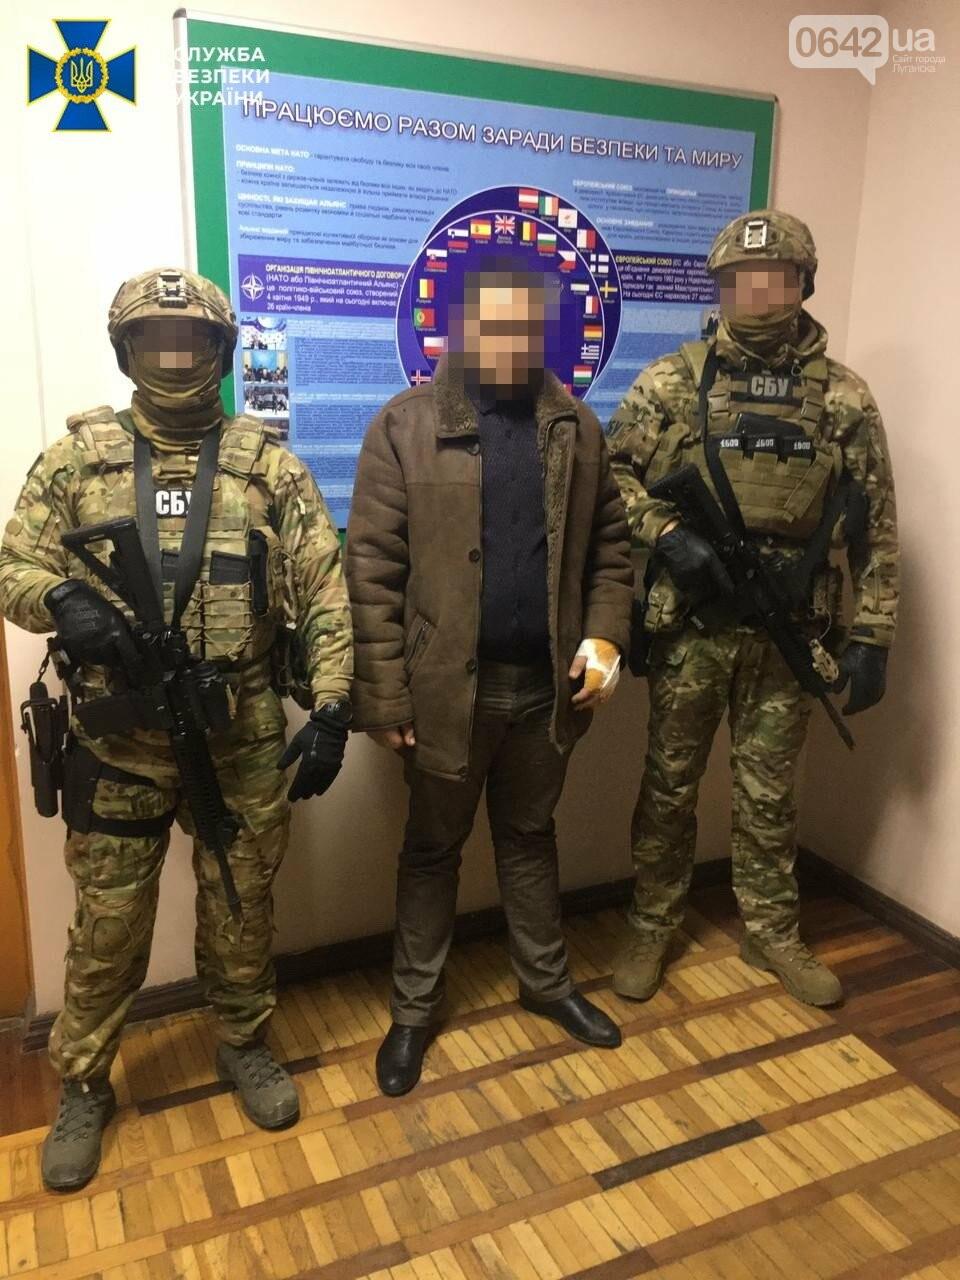 СБУ задержала командира диверсионной группы террористов «ЛНР» , - ФОТО, ВИДЕО, фото-1